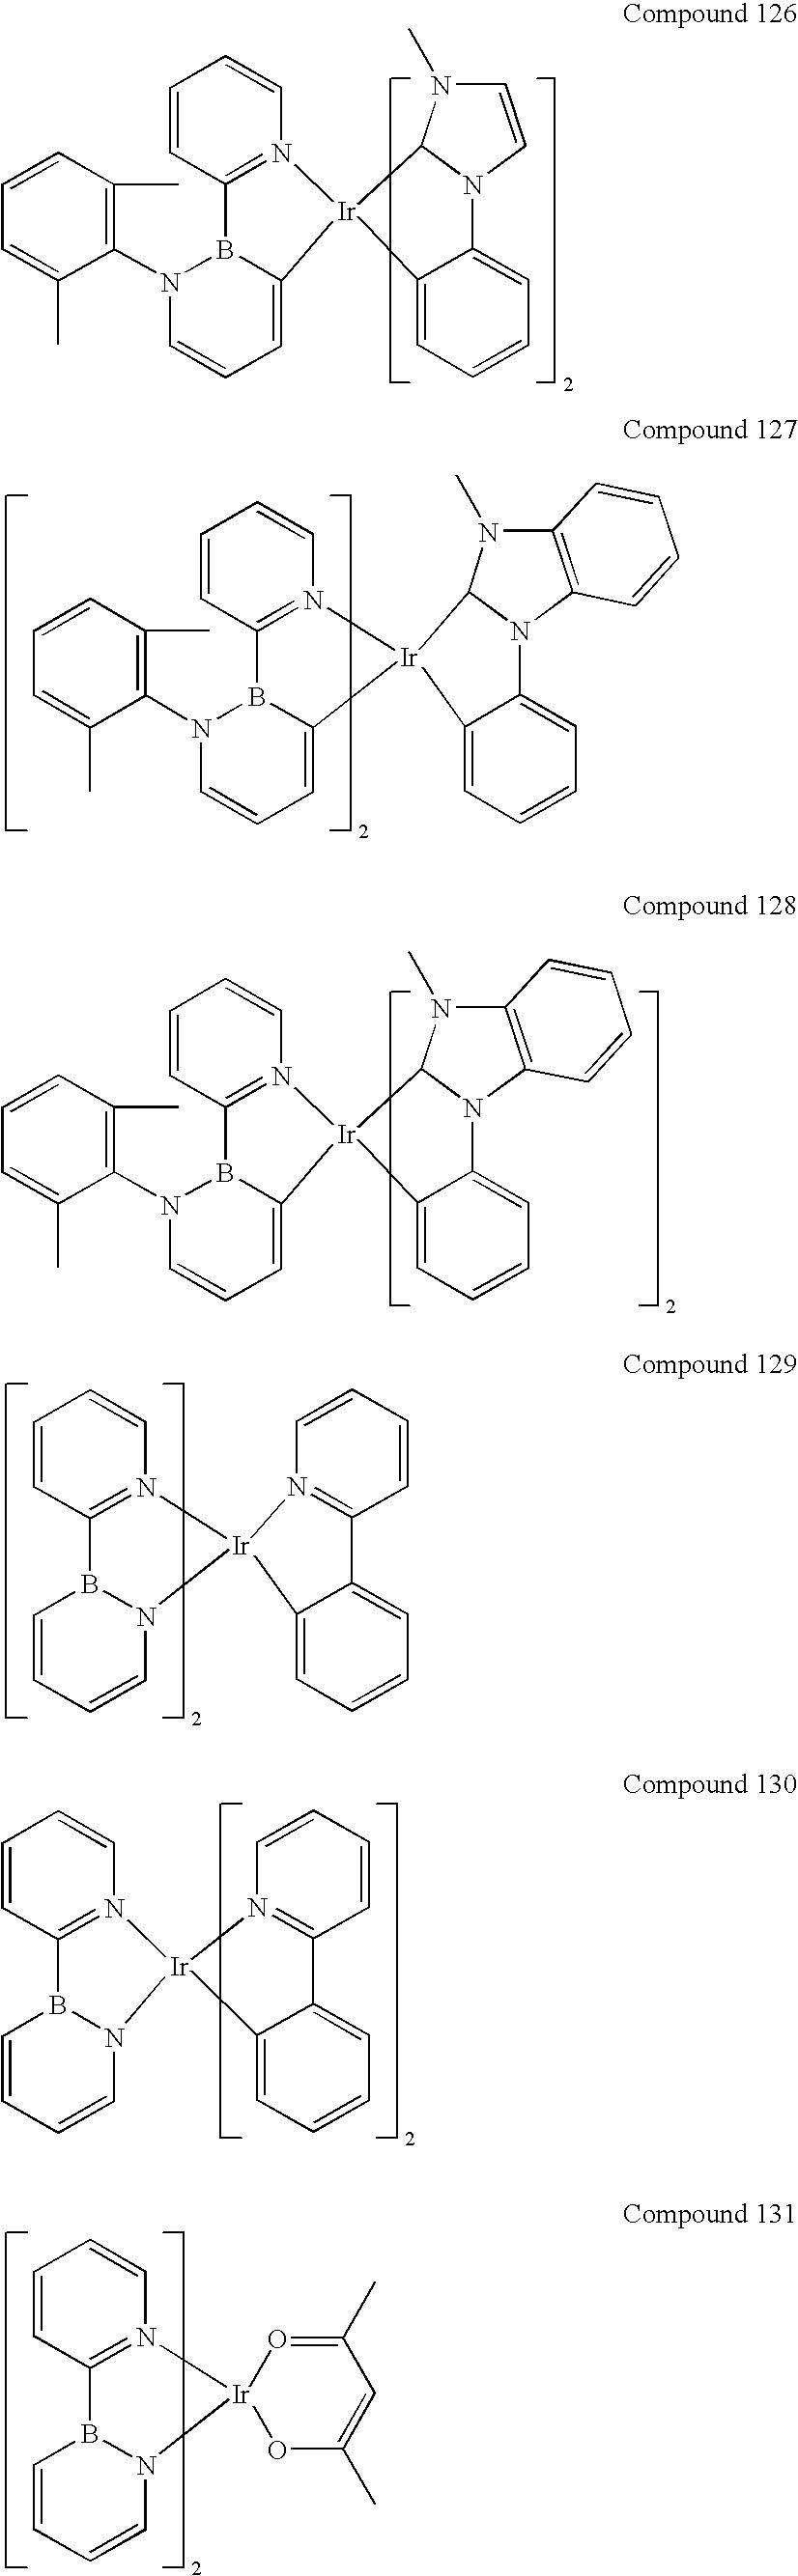 Figure US20100295032A1-20101125-C00075